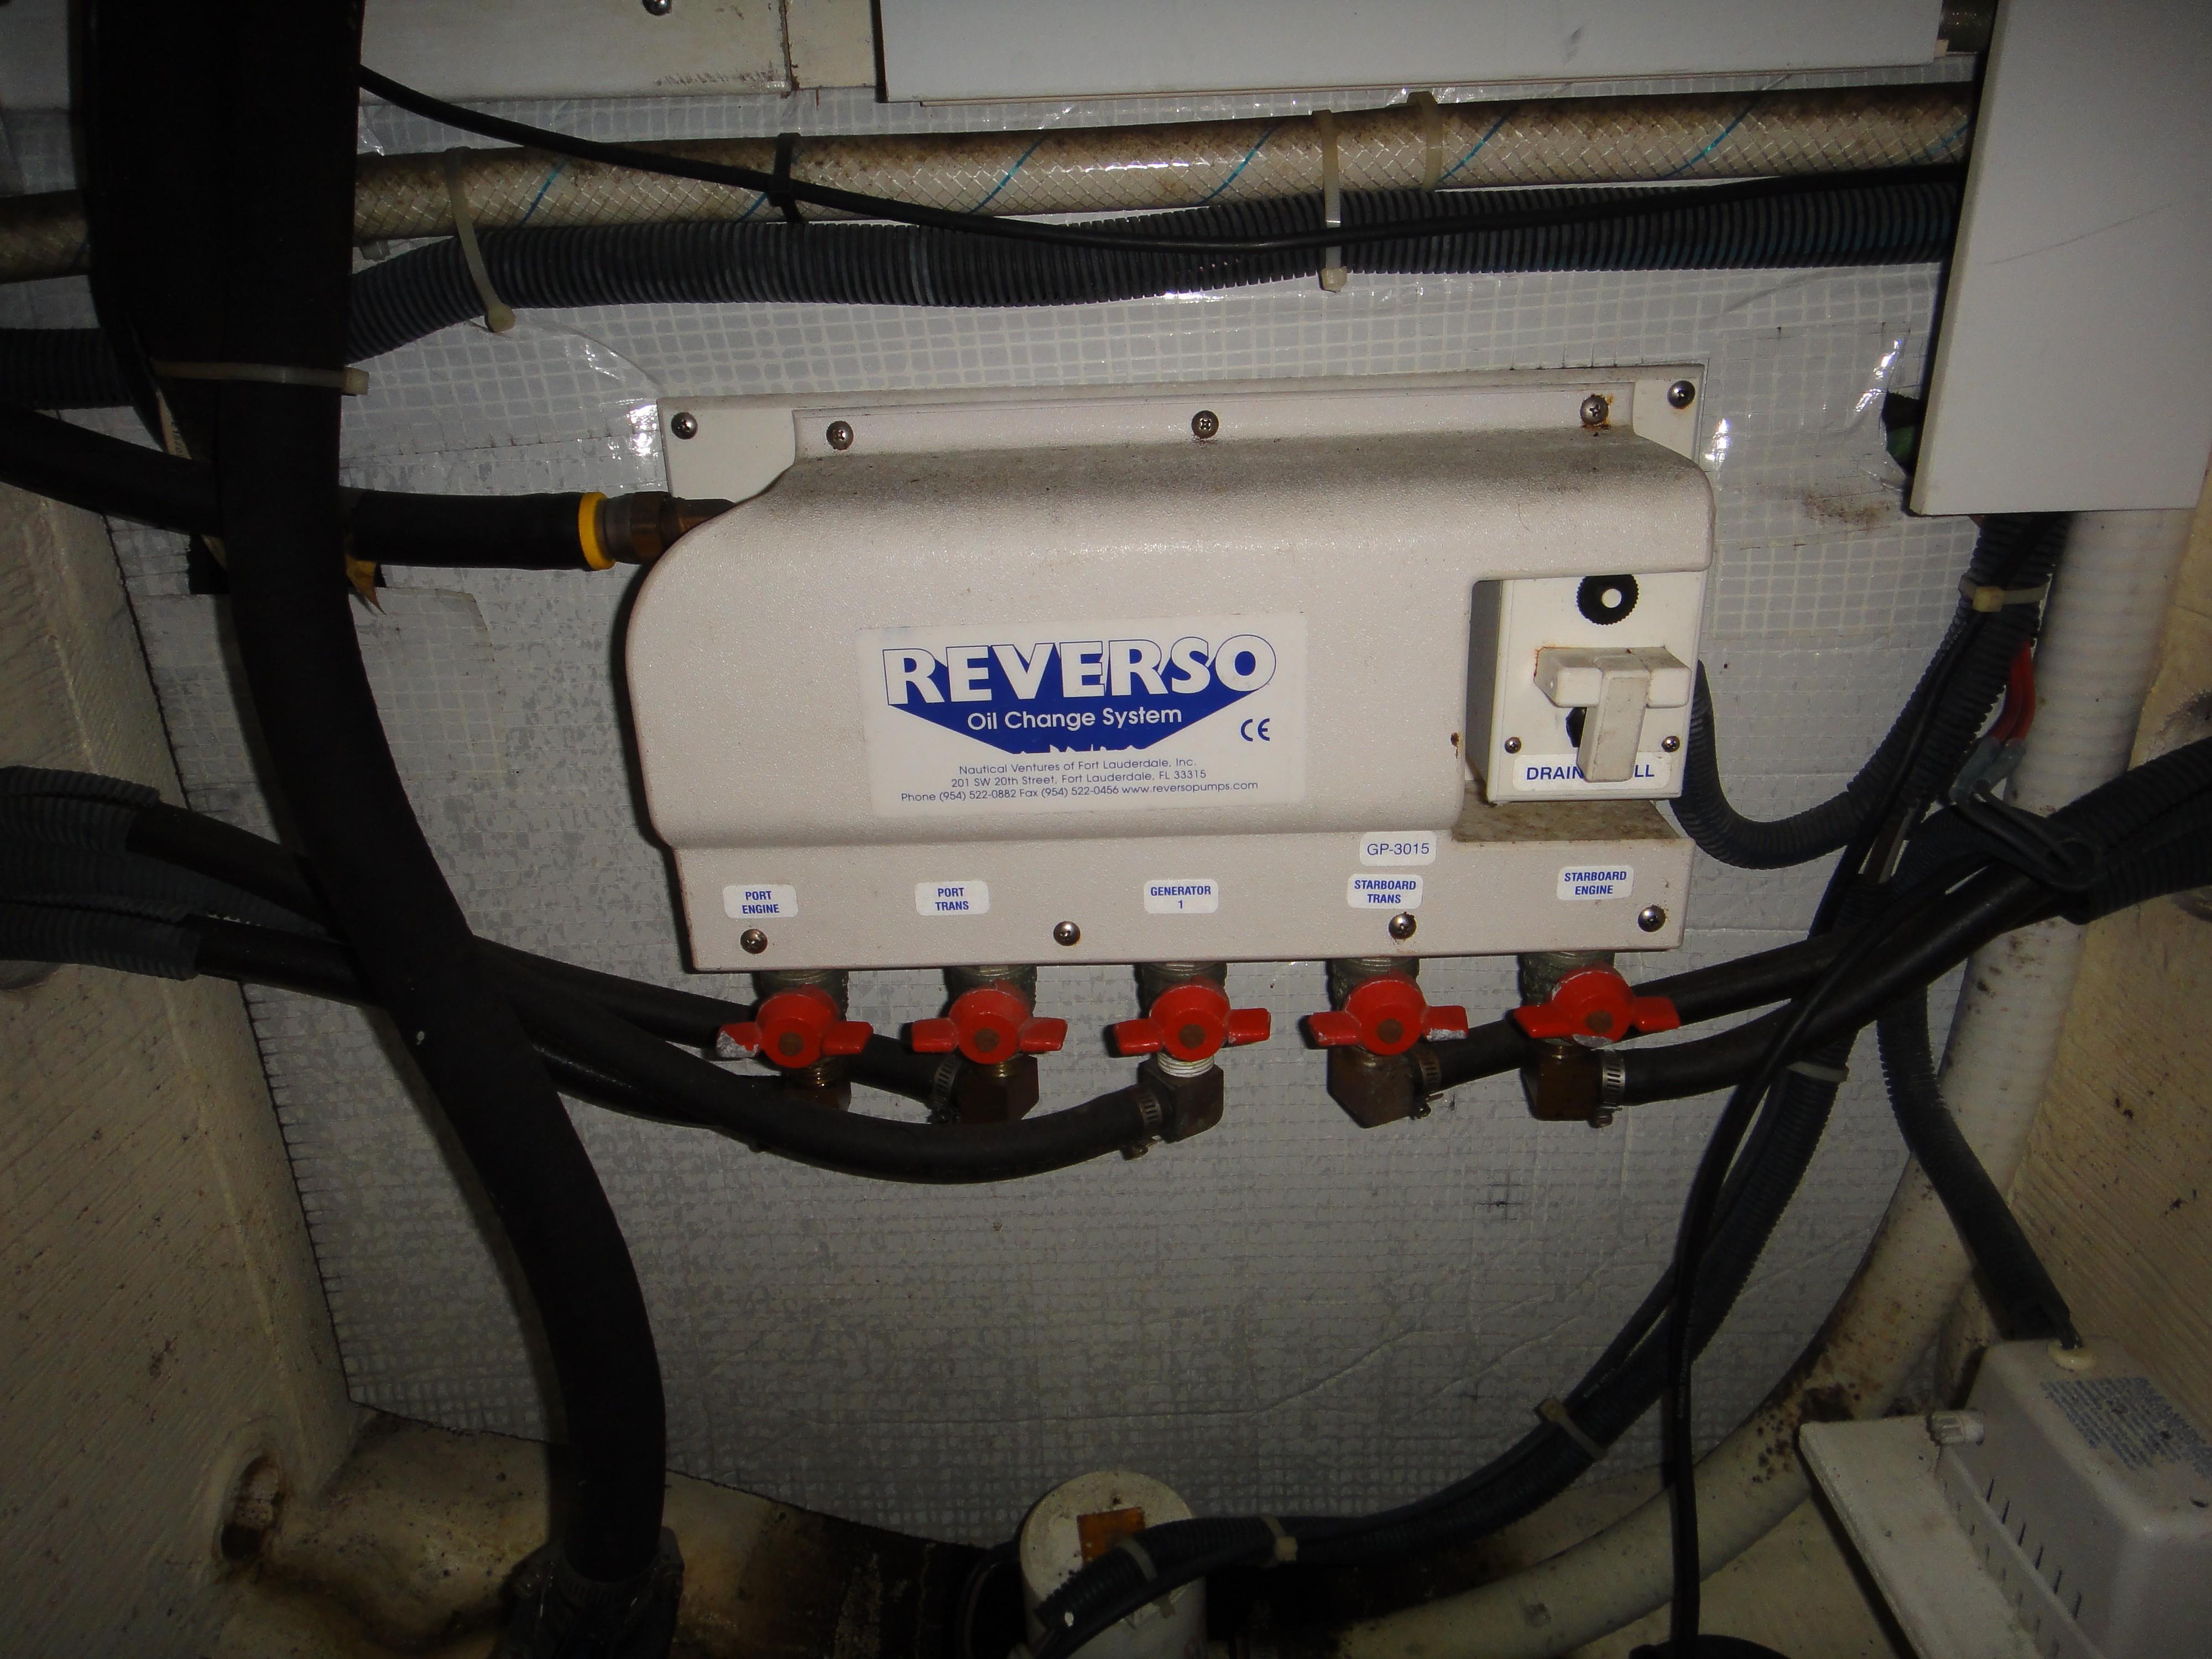 42 ft Sabre 42 FB Reverso Oil Change System